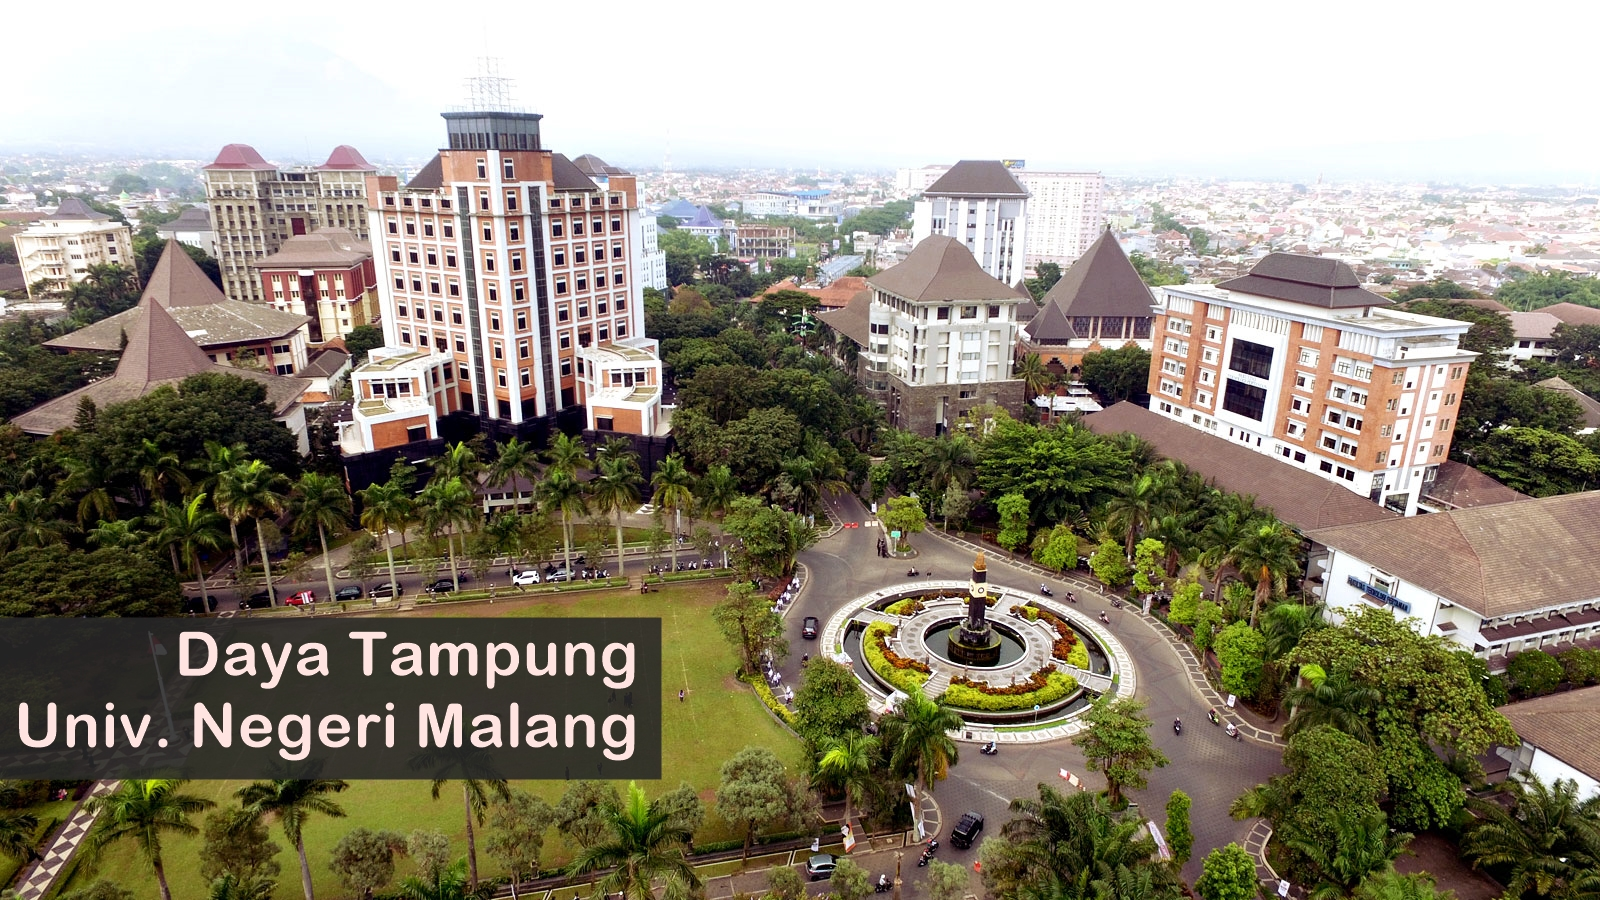 Informasi besar kuota daya tampung universitas negeri malang  DAYA TAMPUNG UM 2019/2020